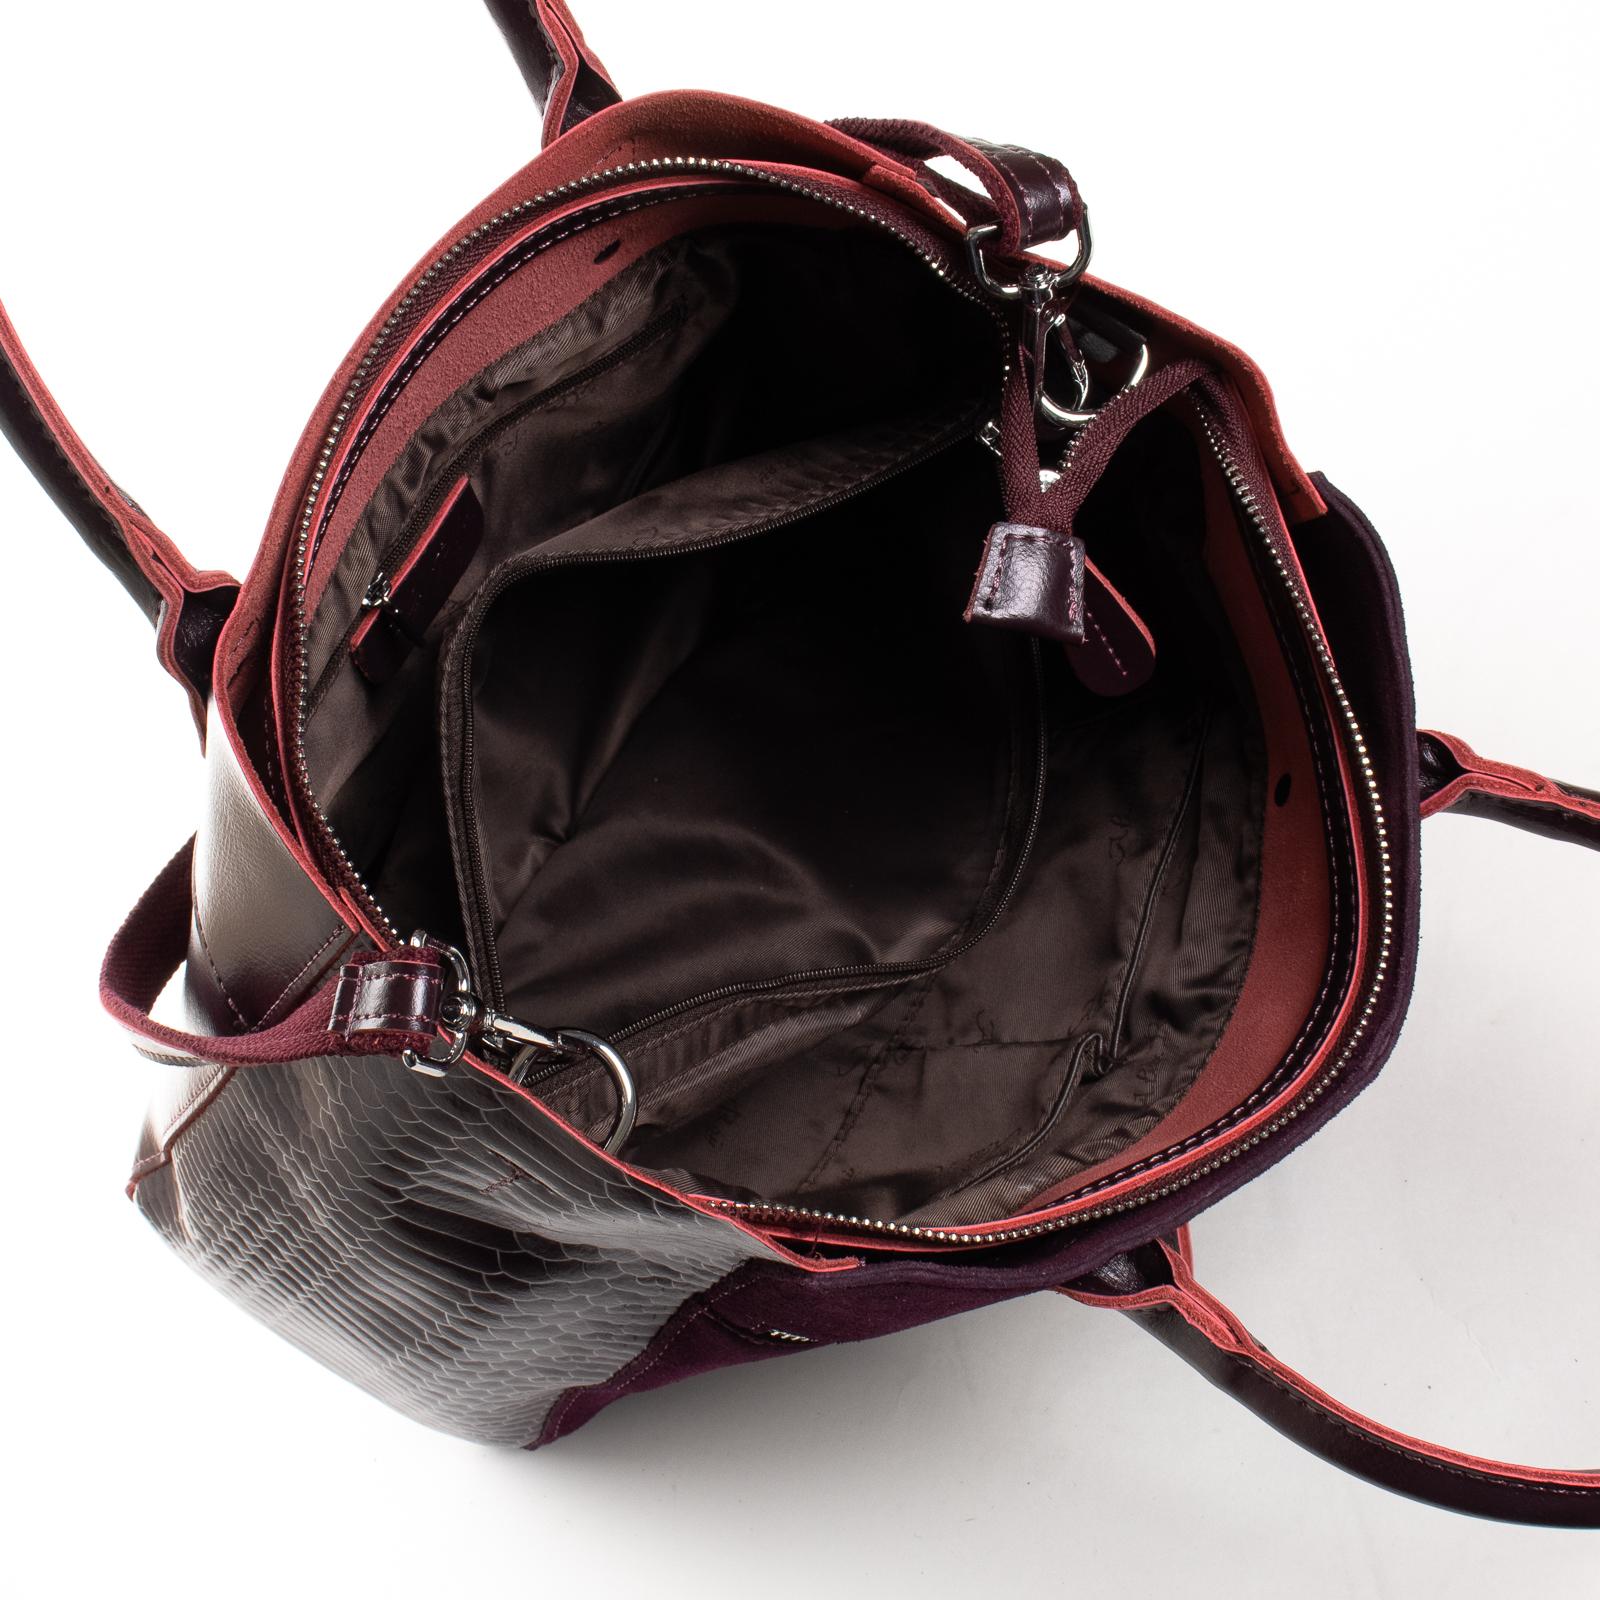 Сумка Женская Классическая замш ALEX RAI 01-09 01-8713-11 wine-red - фото 5